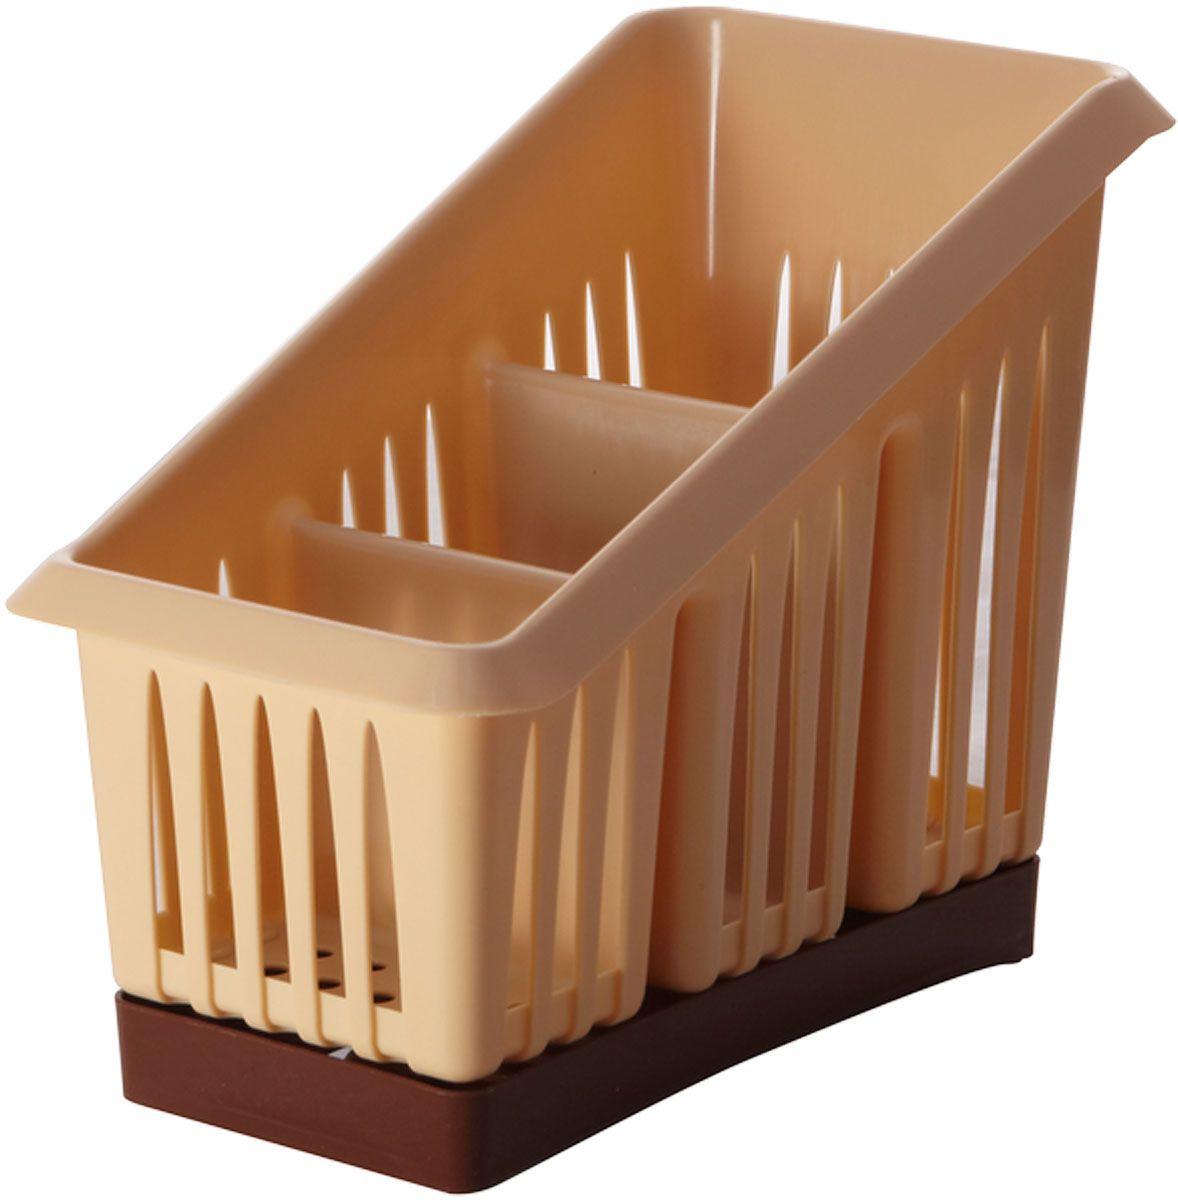 Сушилка для столовых приборов Plastic Centre Лилия, 3-секционная, цвет: бежевый, коричневый, 20 х 12 х 16 смVT-1520(SR)Сушилка для столовых приборов пригодится на любой кухне. Три секции позволят сушить или хранить столовые приборы по отдельности (ножи, вилки, ложки и т.п.). Сушилка снабжена поддоном для стока воды с приборов.Размер сушилки: 20 х 12 х 16 см.